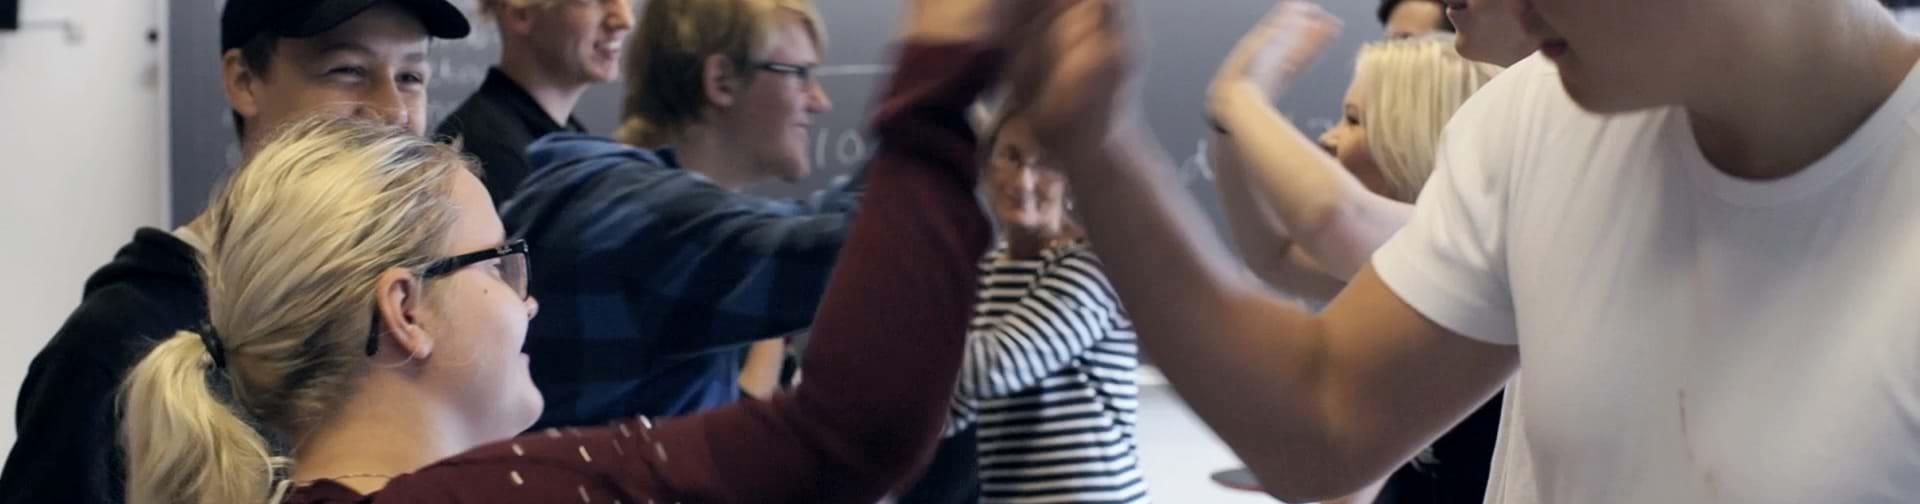 Elever som giver high-fives